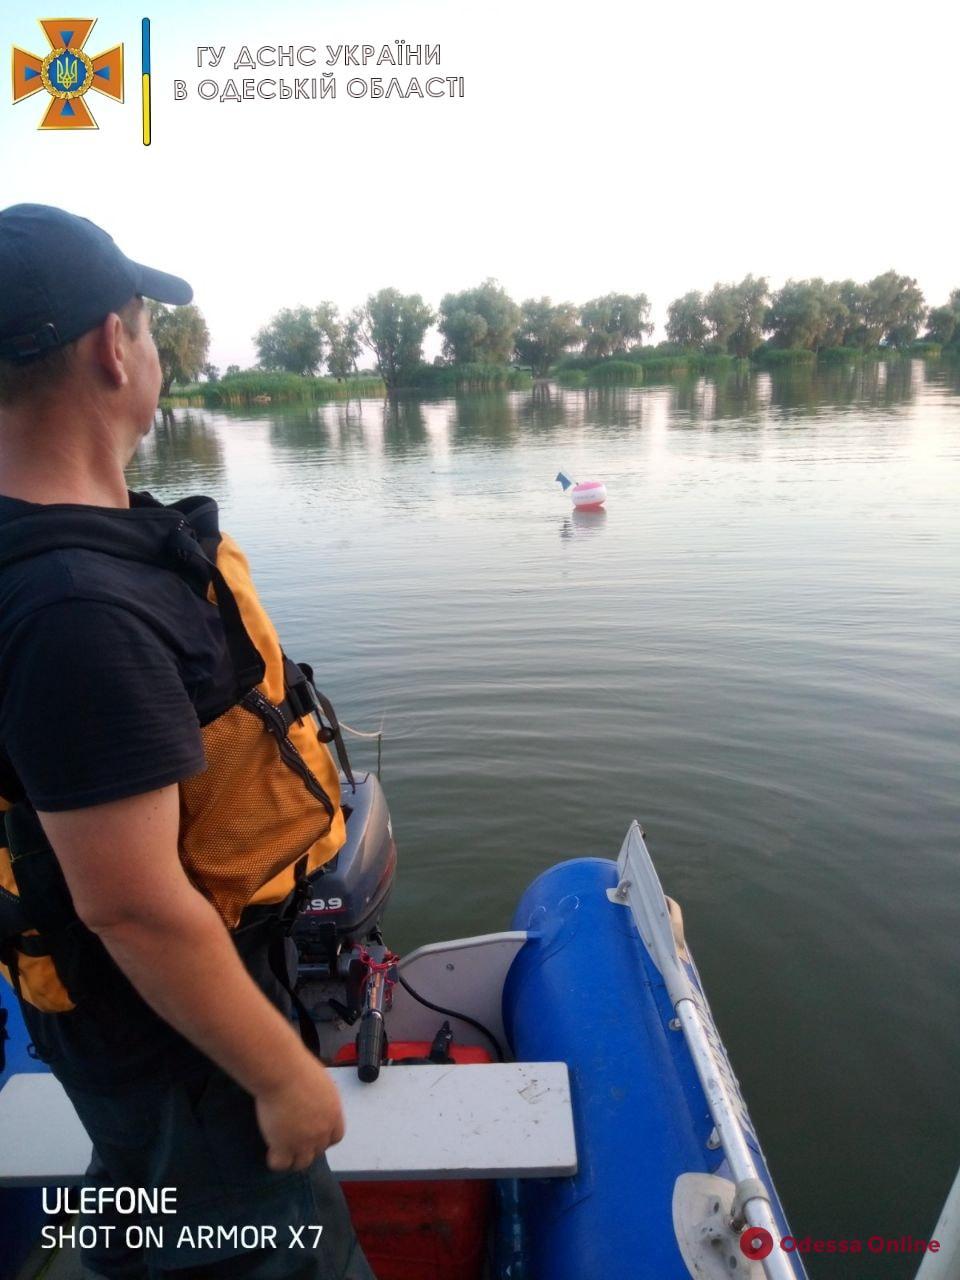 Выпал из лодки: на Днестре в Одесской области ищут пропавшего рыбака